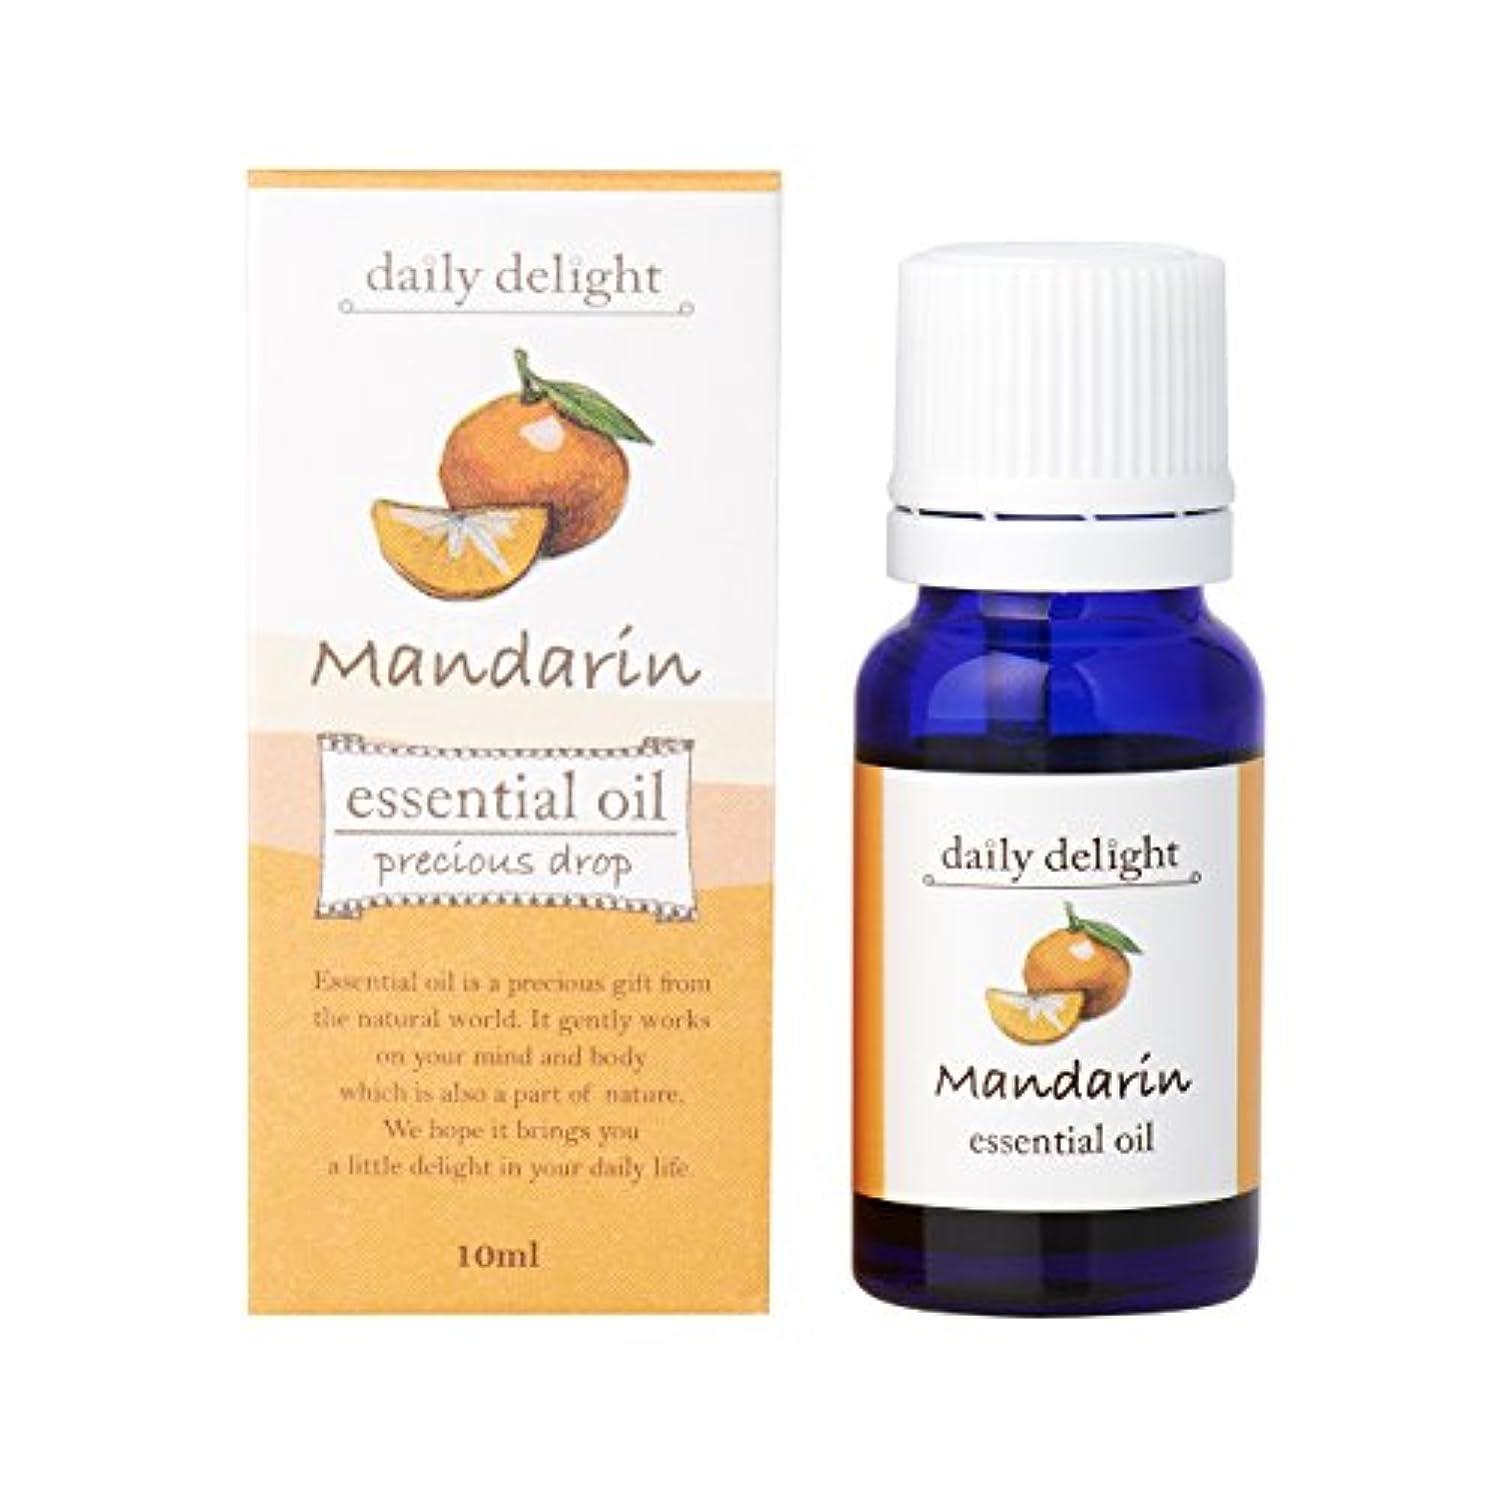 護衛リーフレット予言するデイリーディライト エッセンシャルオイル  マンダリン 10ml(天然100% 精油 アロマ 柑橘系 オレンジに似ているがより穏やかで落ち着いた印象の香り)